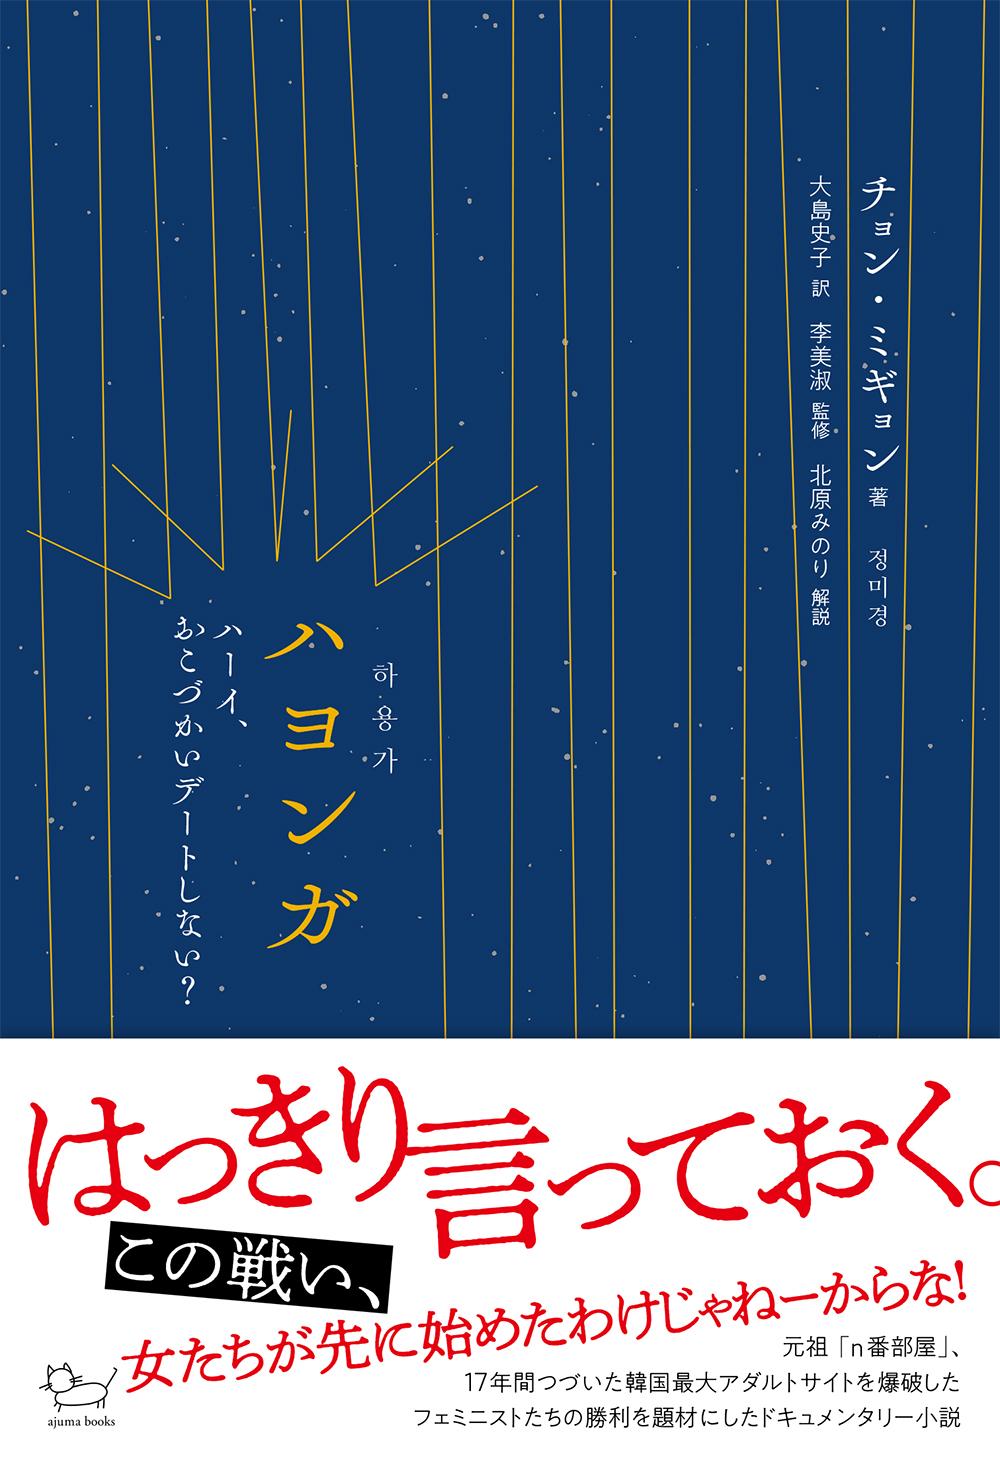 長田杏奈さんと「ハヨンガトーク」インスタライブ行います!